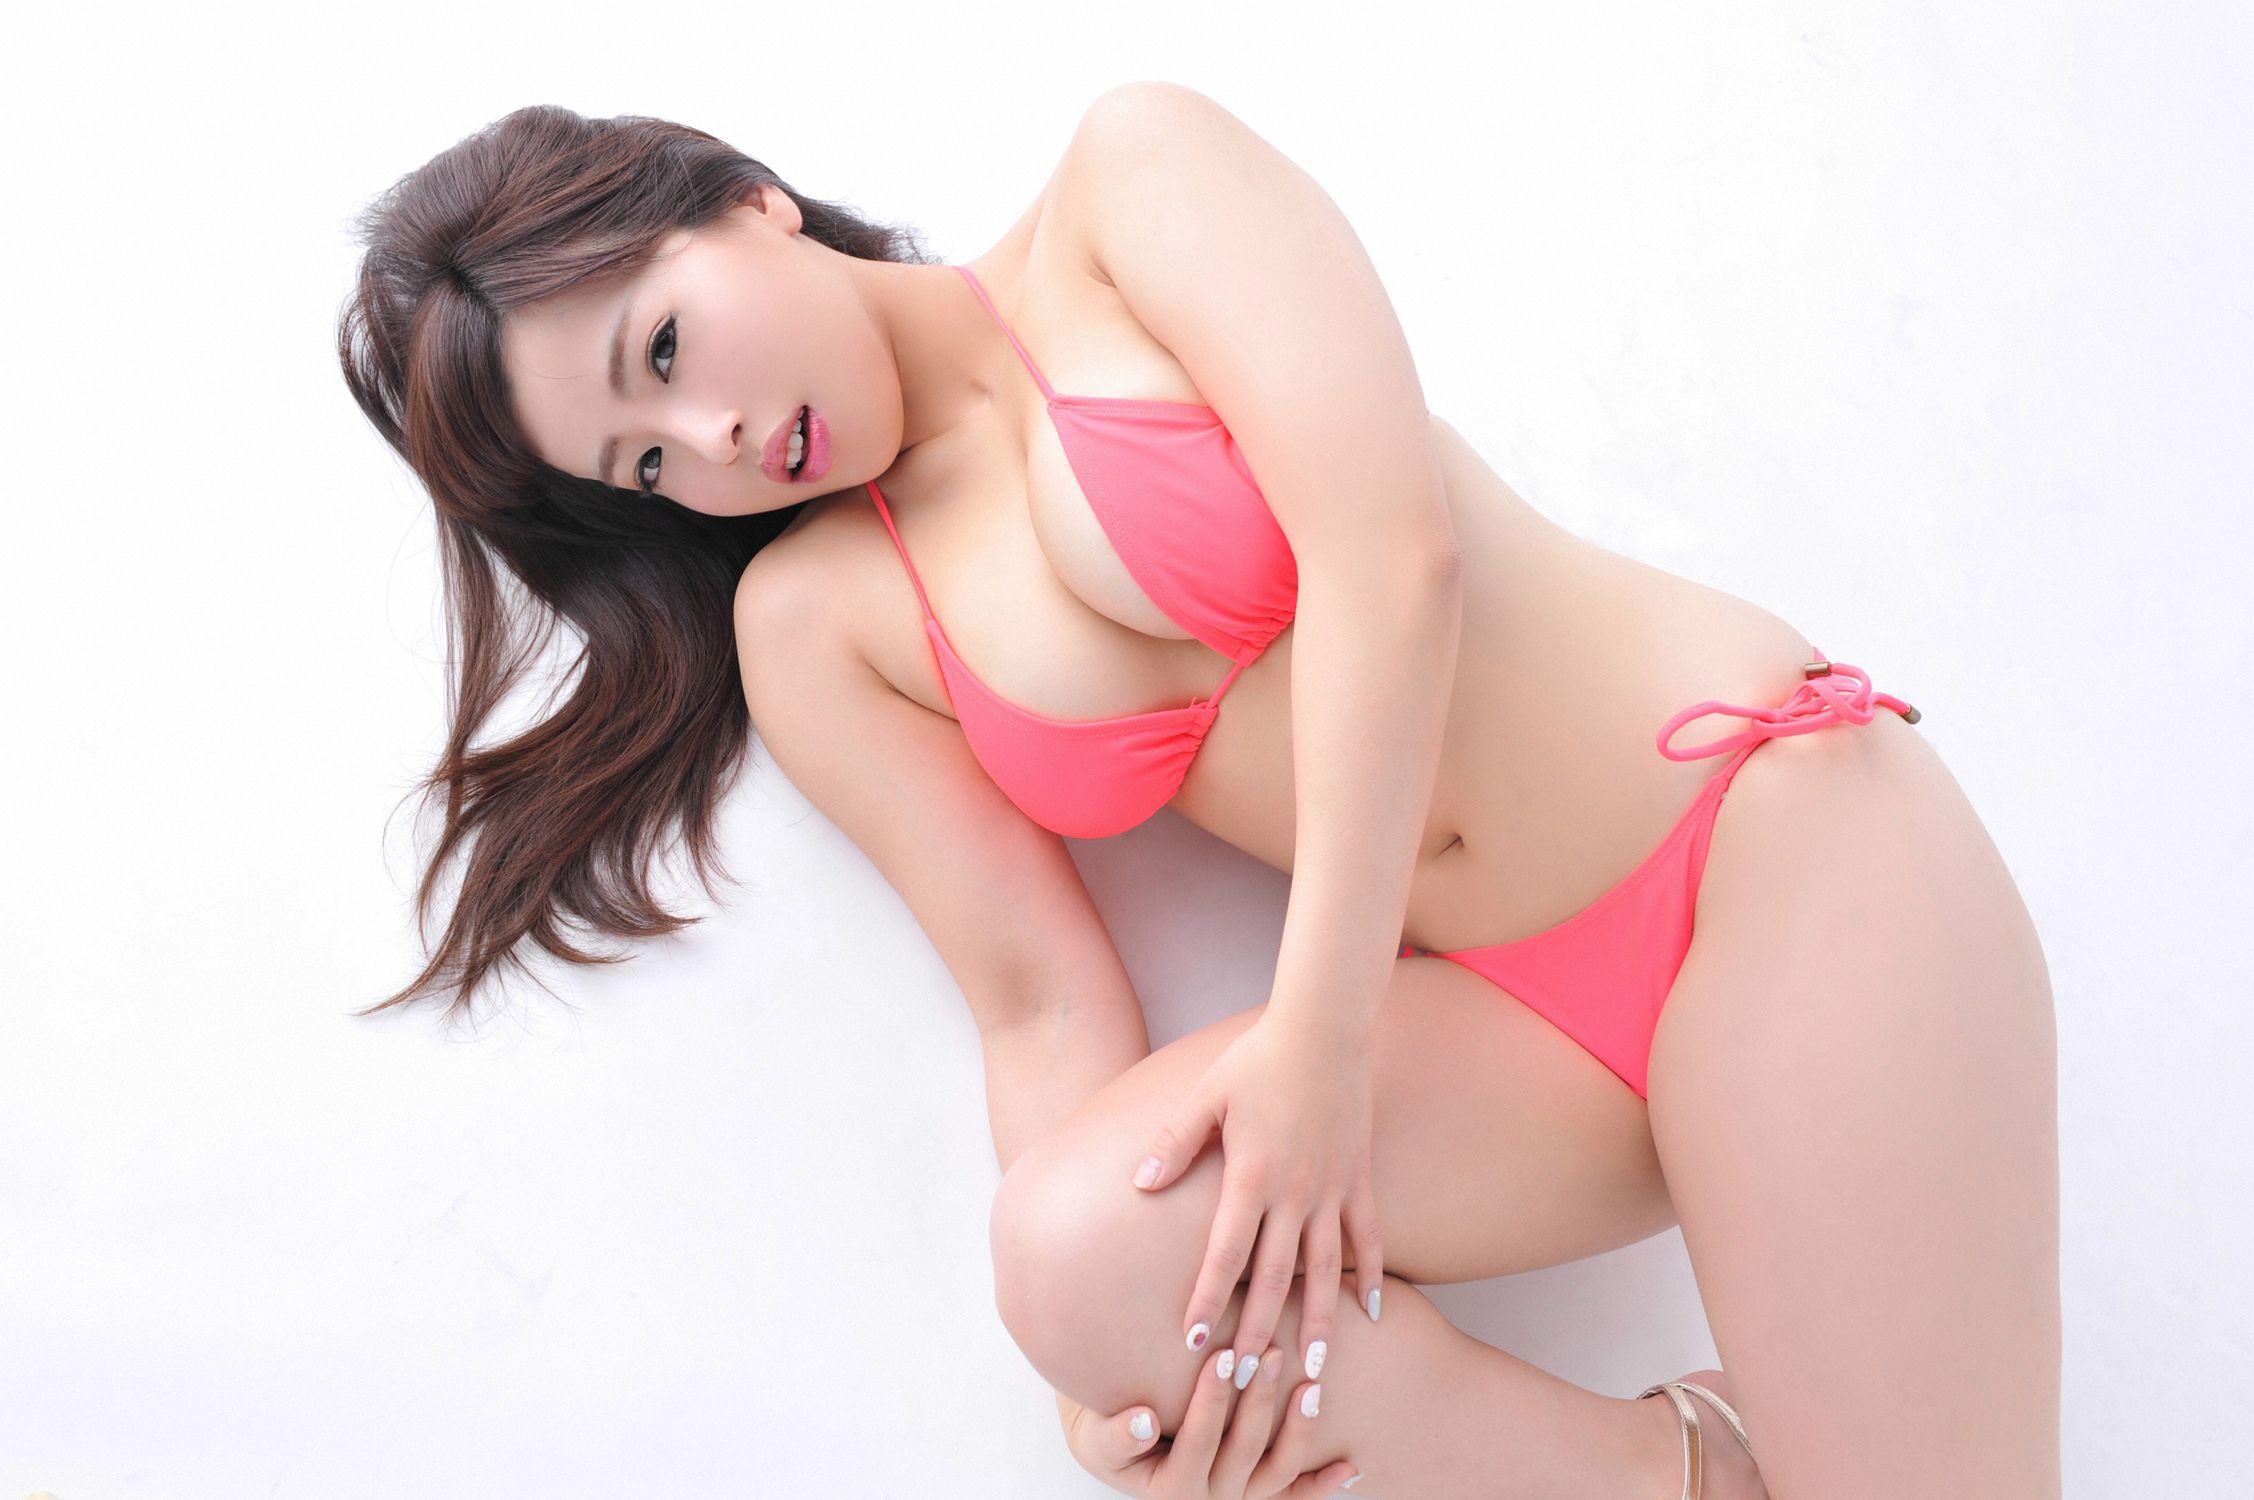 Shiraoka Minae061